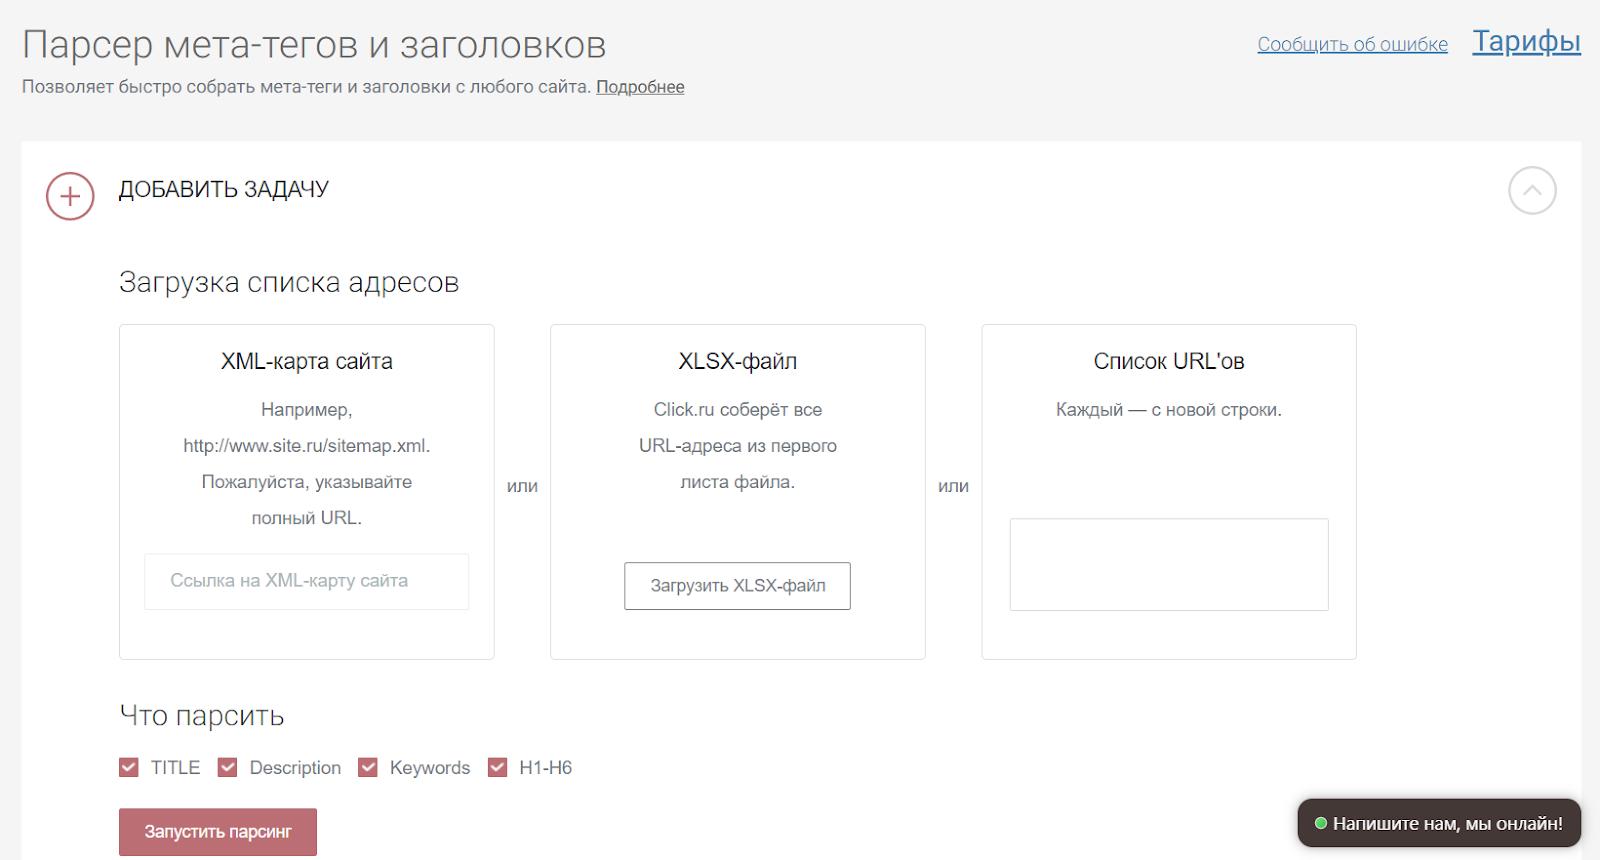 Сервис Парсер мета-тегов и заголовков от Click.ru